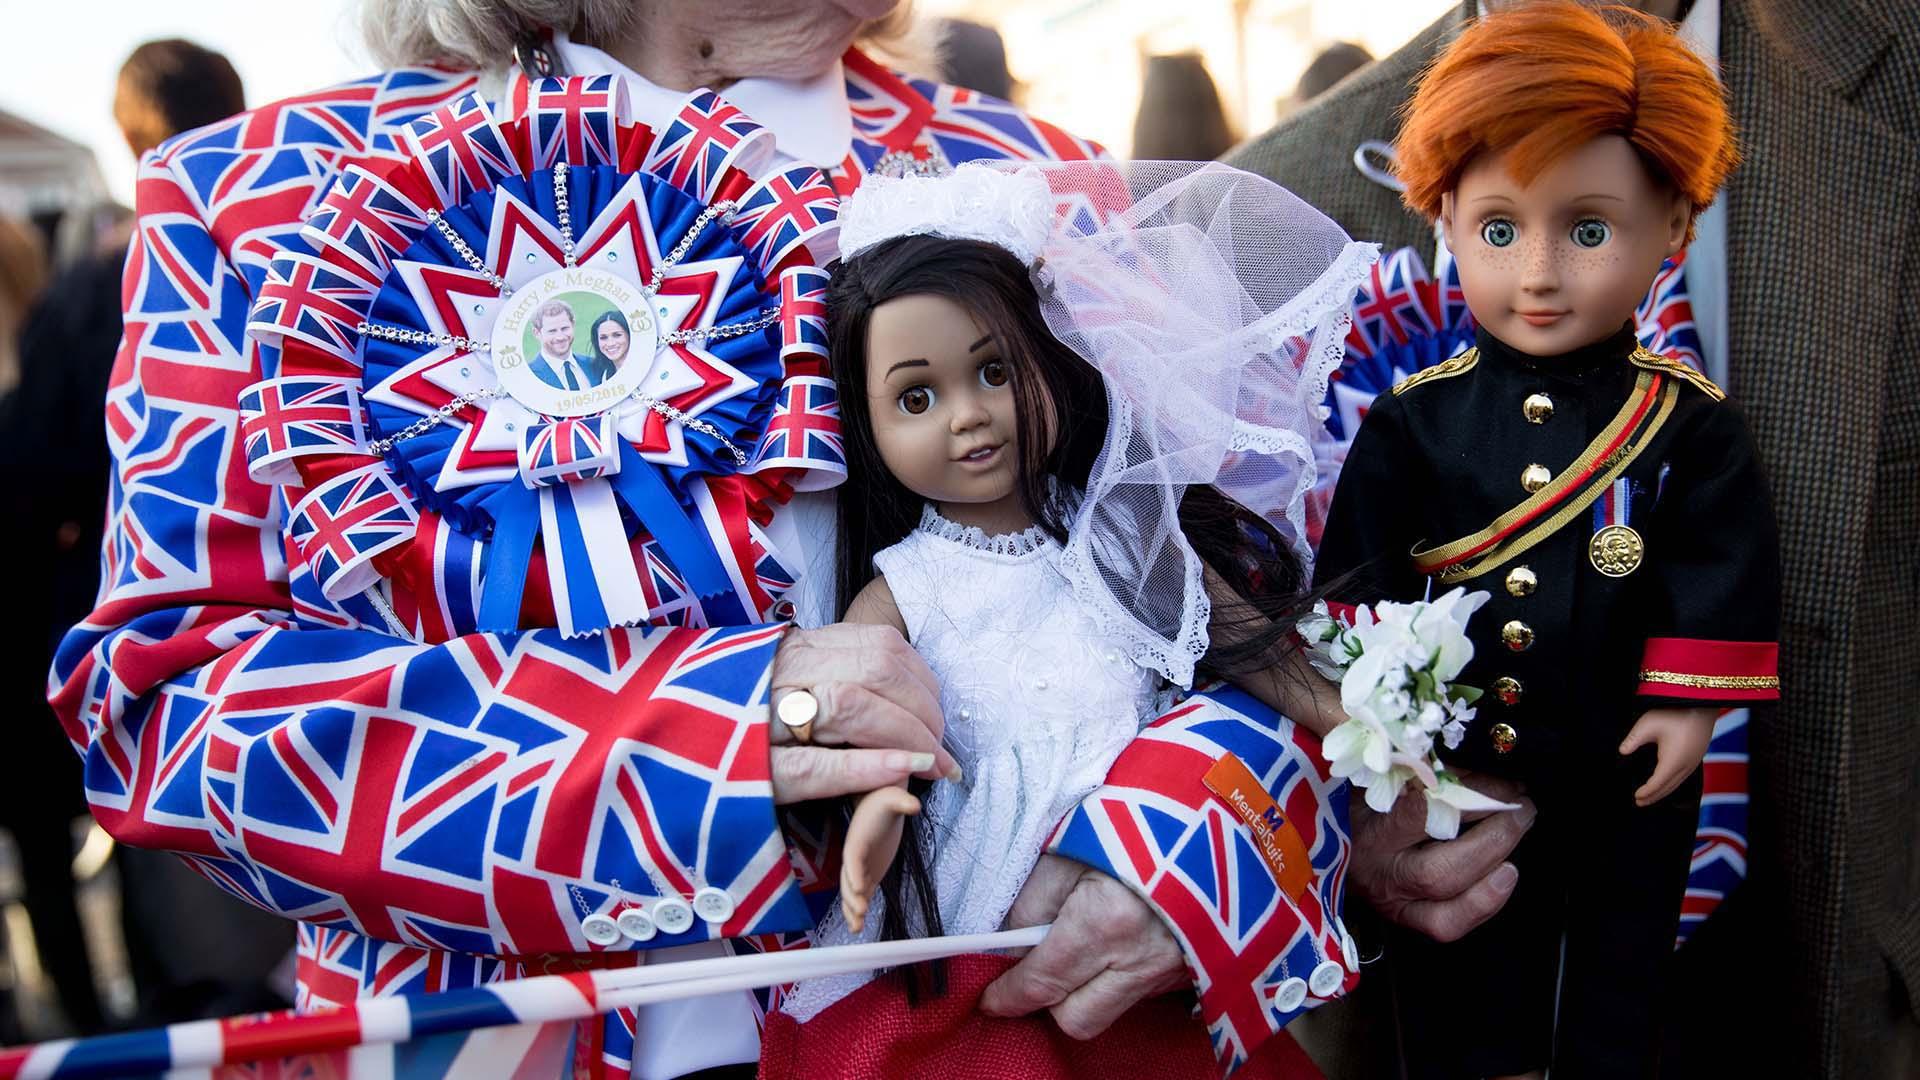 Tanto jóvenes como adultos se mezclaron entre la masa con particulares atuendos: desde banderines y gigantografías de los novios hasta remeras temáticas y caras pintadas